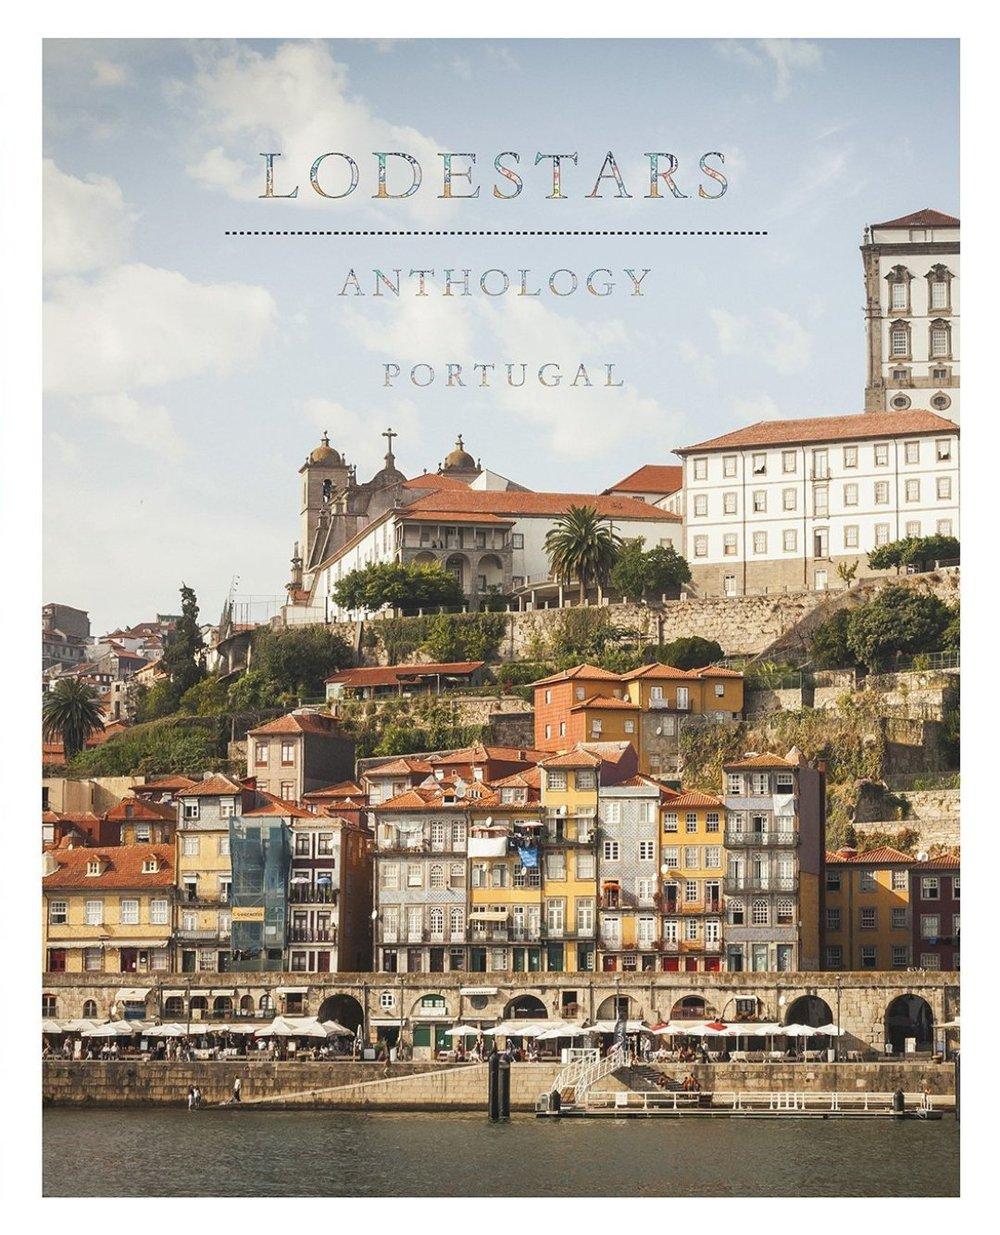 Toino_Abel_LODESTARS_Portugal_9.jpg